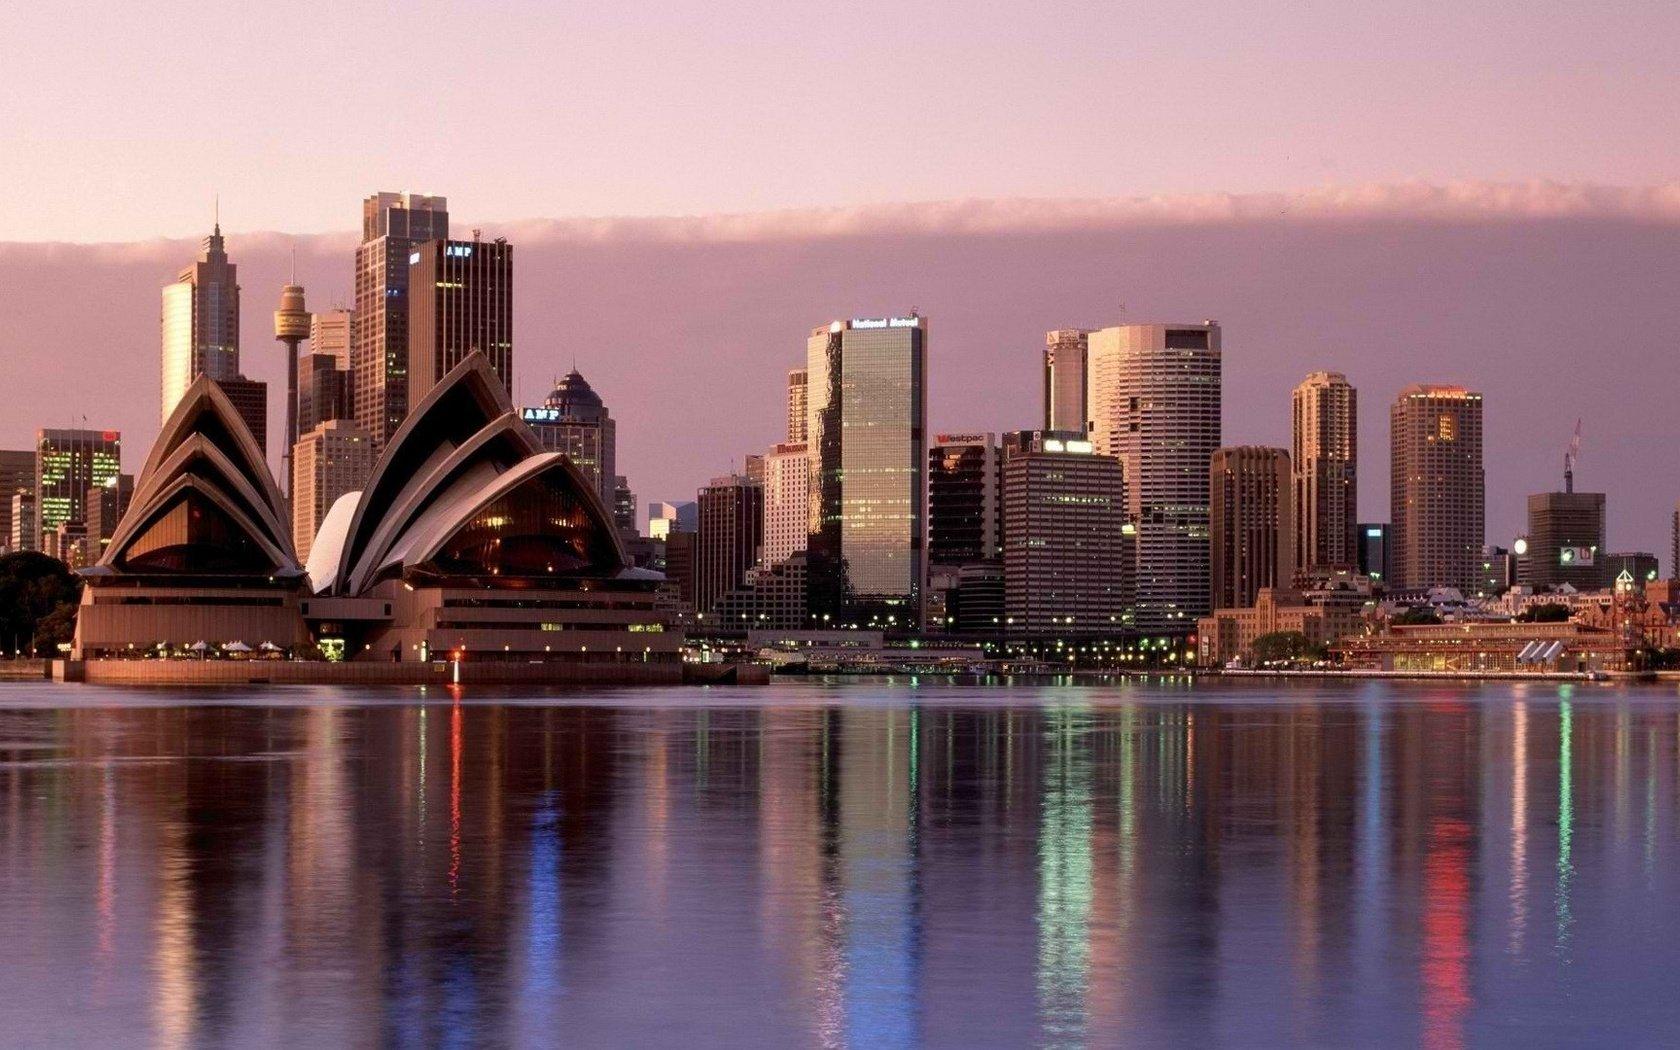 ТОП 5 самых дорогих квартир в мире